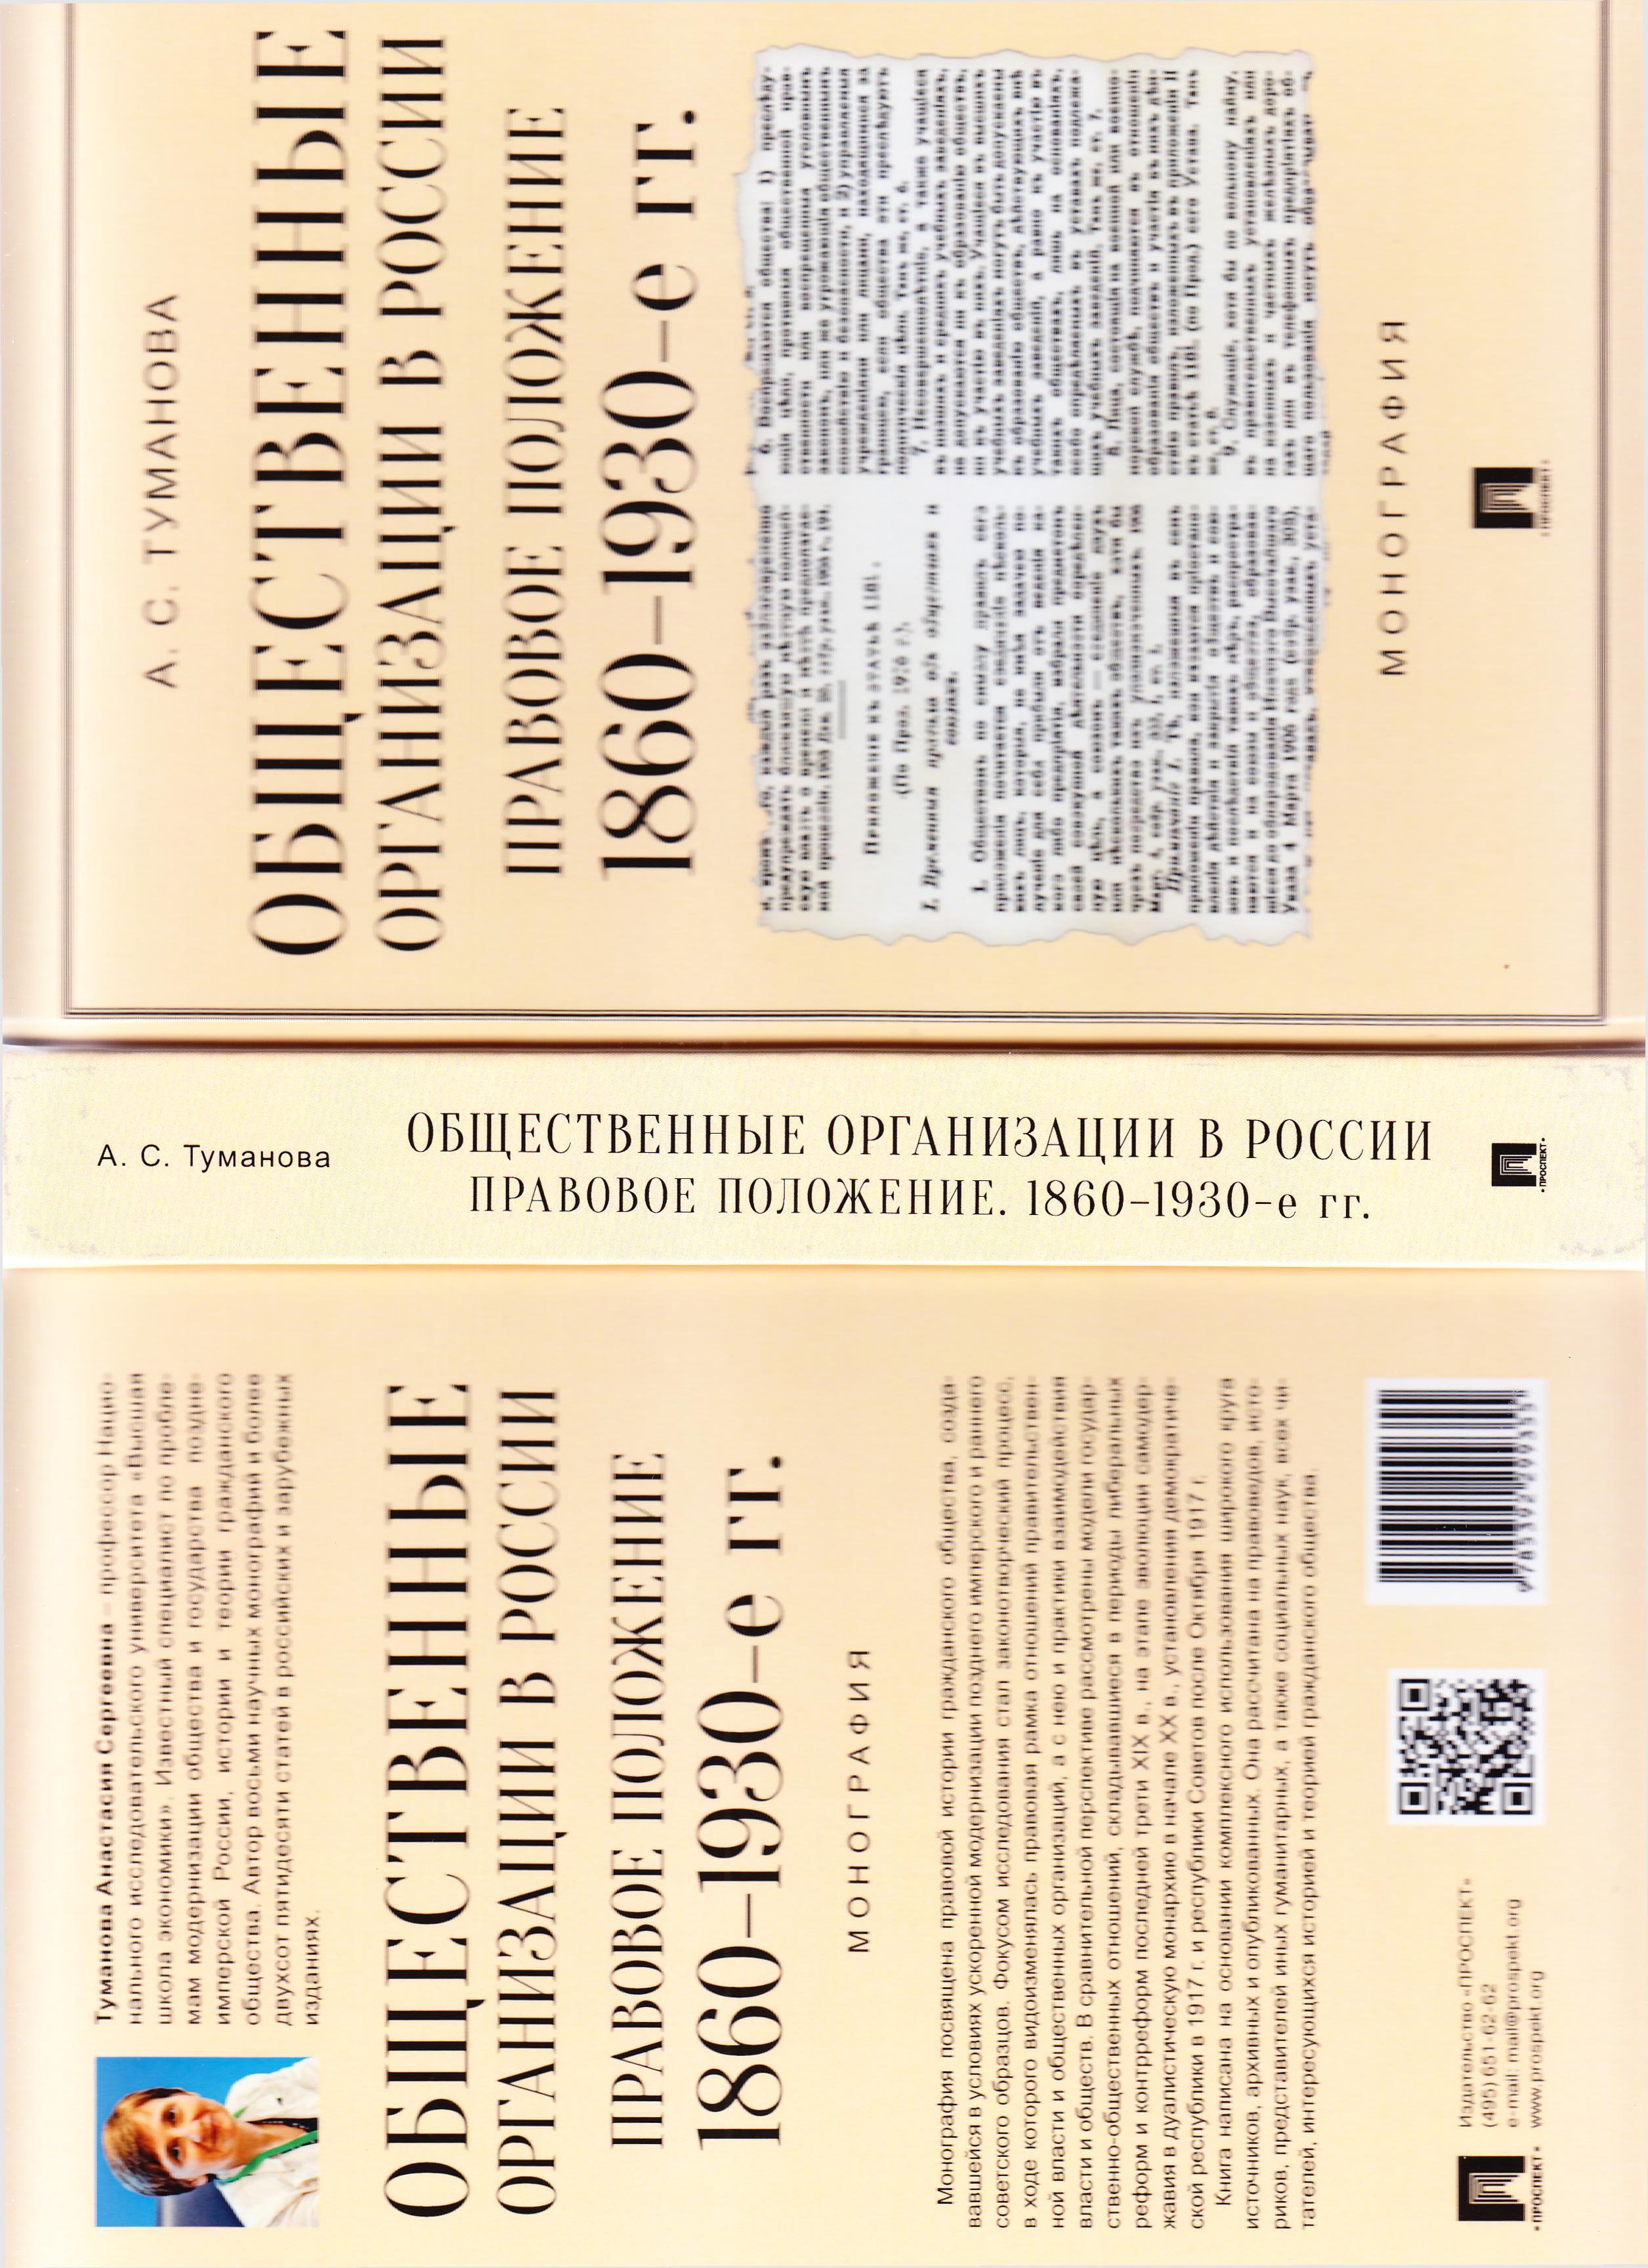 Общественные организации в России: правовое положение. 1860–1930-е гг. : монография. — Москва : Проспект, 2019. — 480 с.